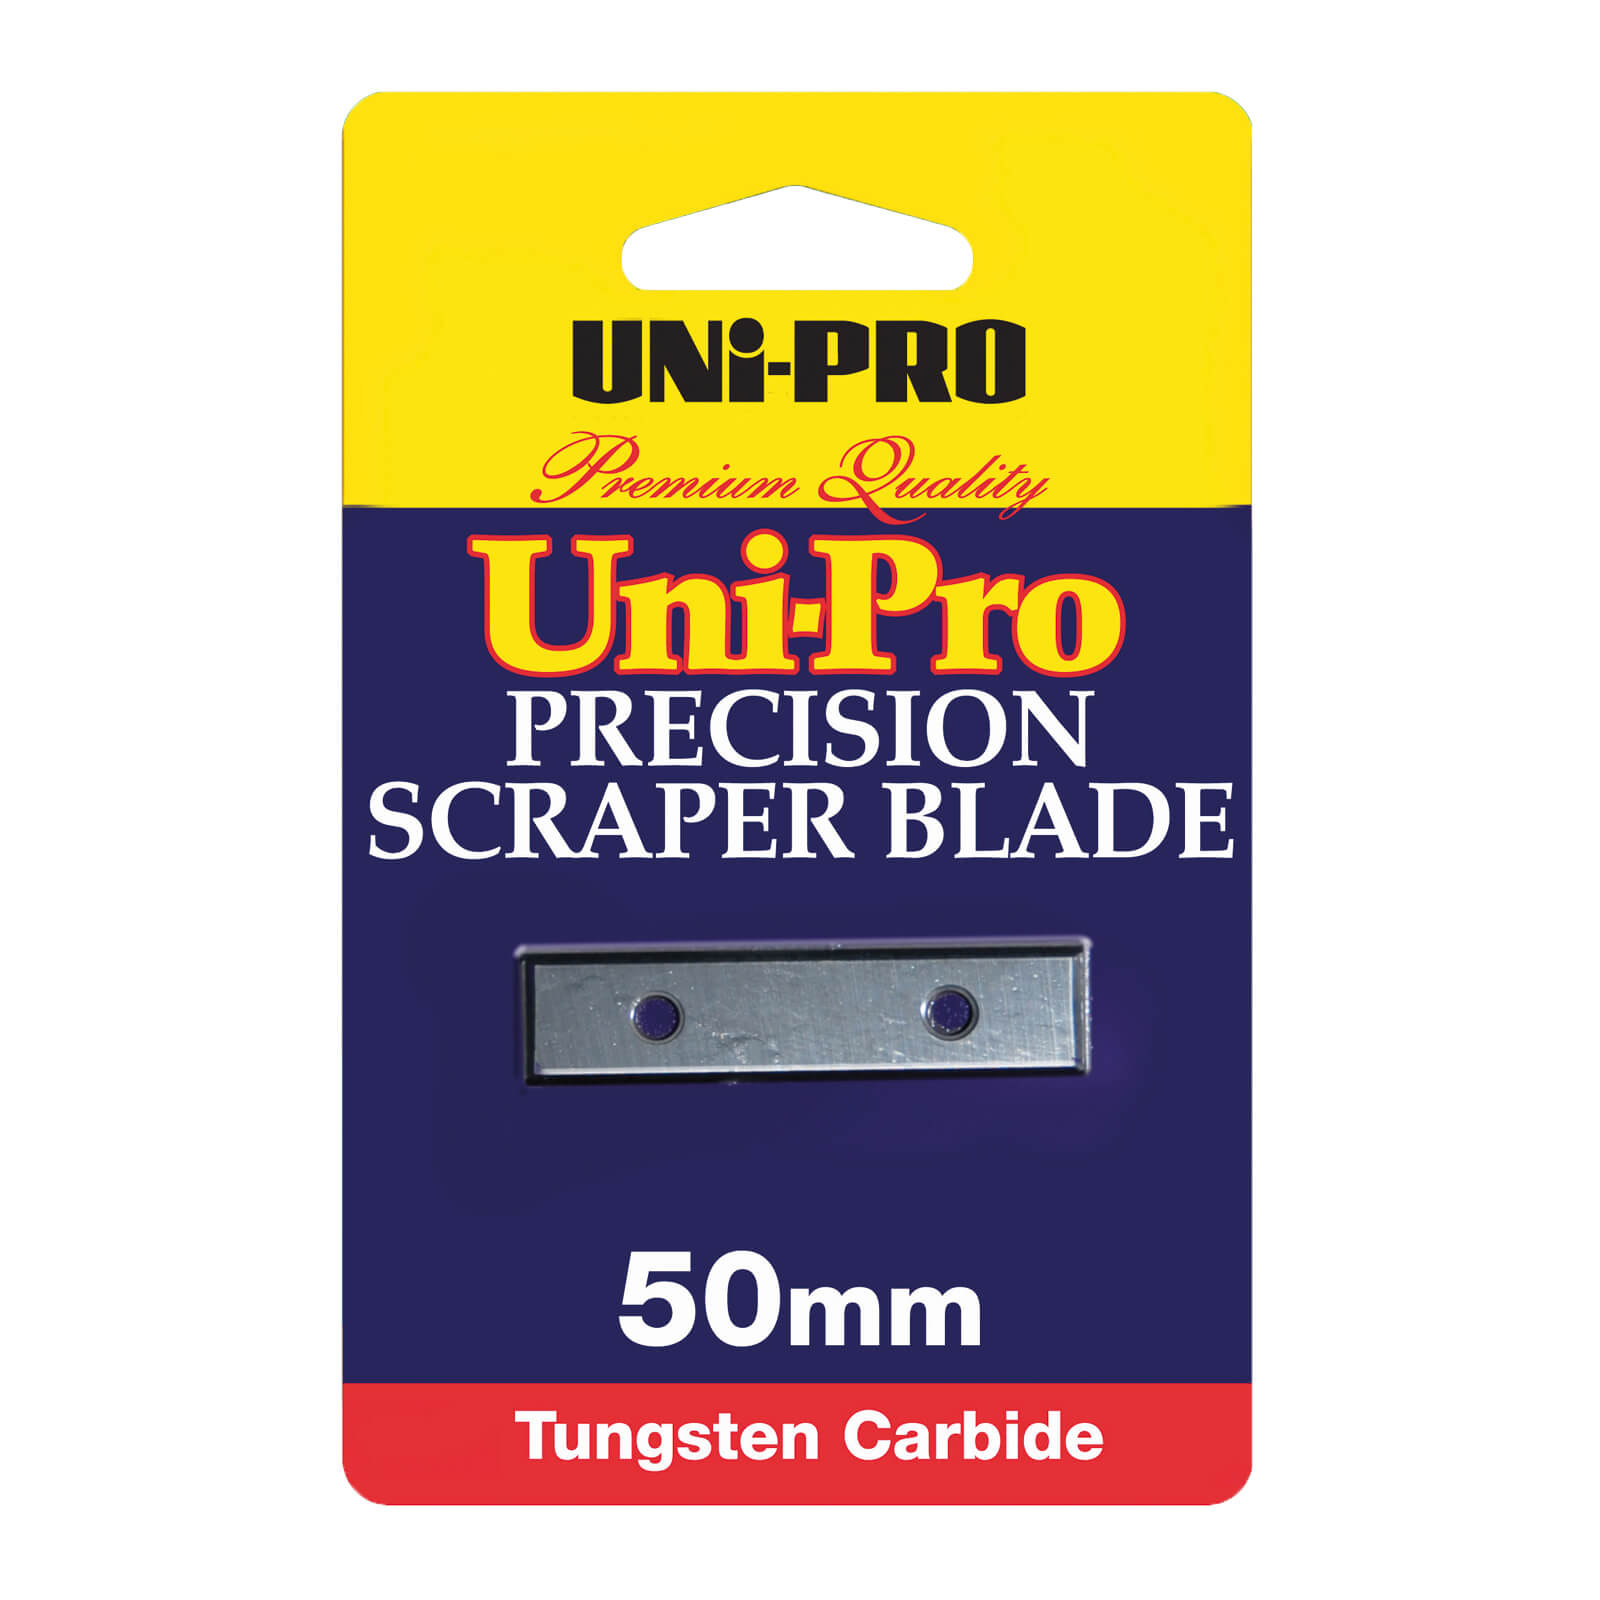 UNi-PRO Heavy Duty Tungsten Carbide Scraper